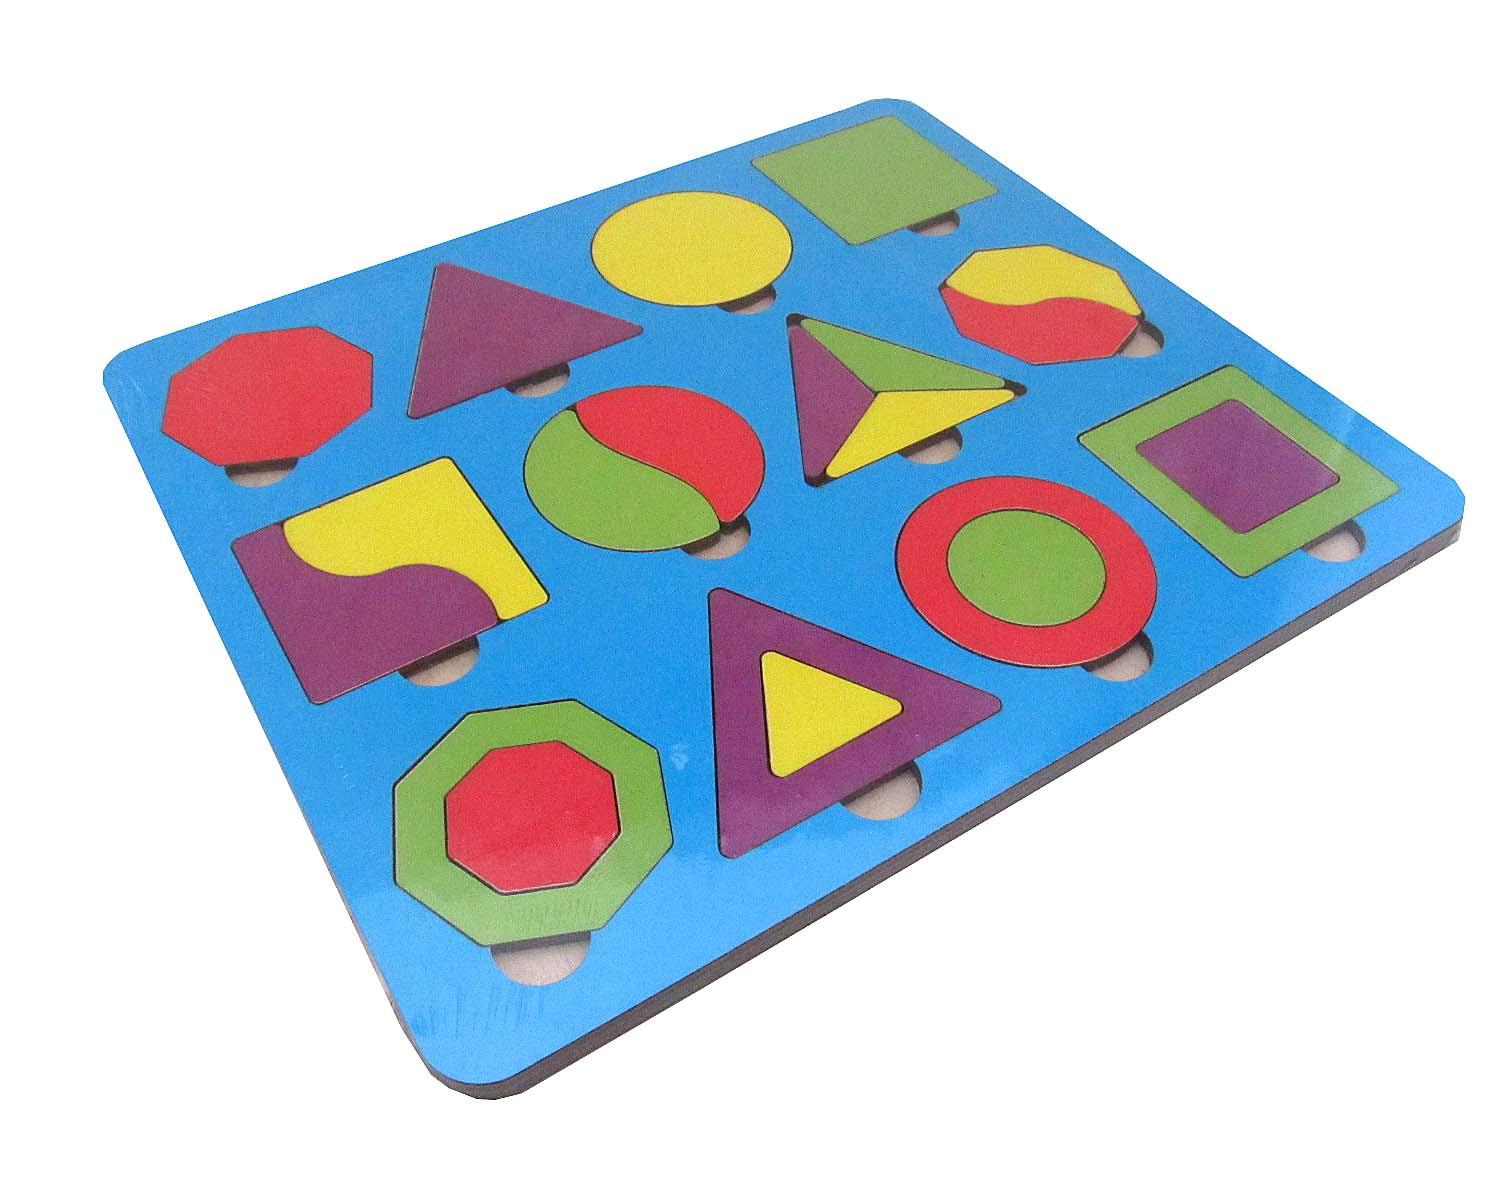 Игрушка детская:04138 Вкладыш 22 элемента (по системе раннего развития) цвет в асс-те